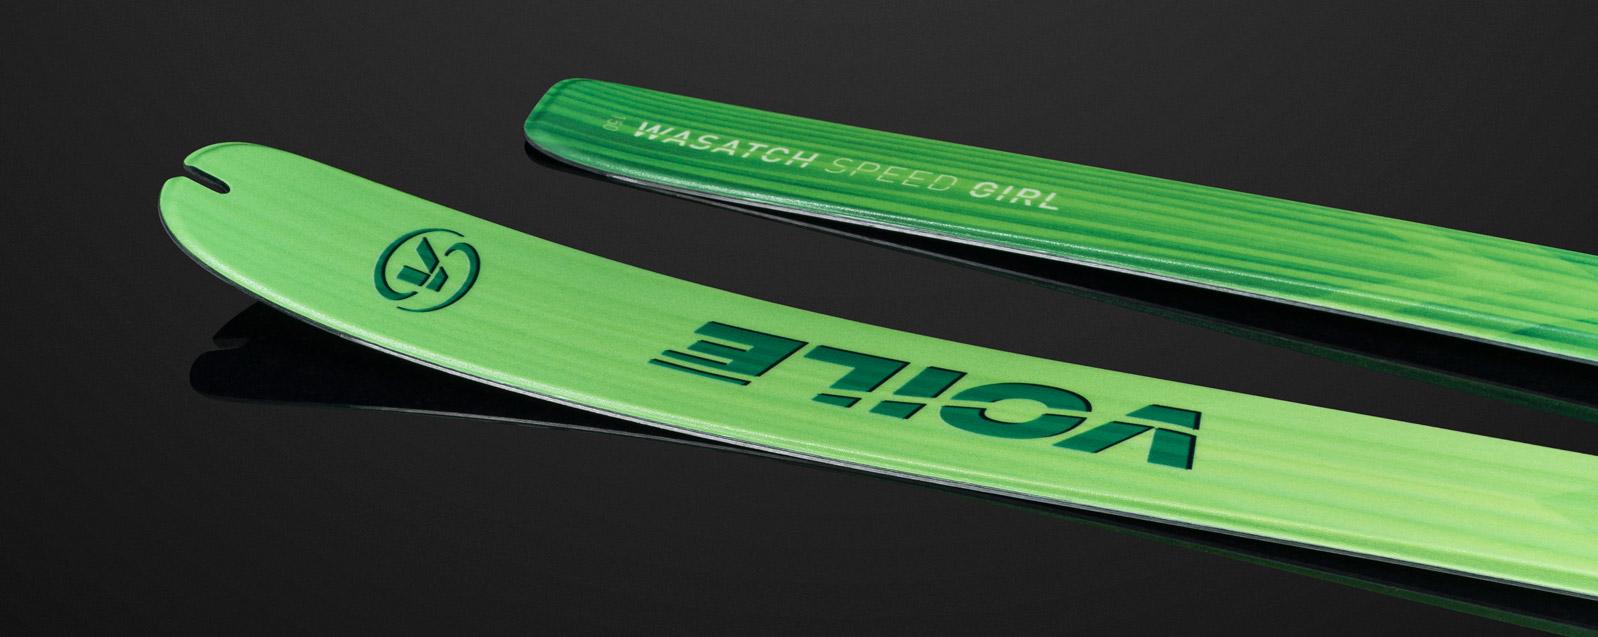 Voile WSG Skis